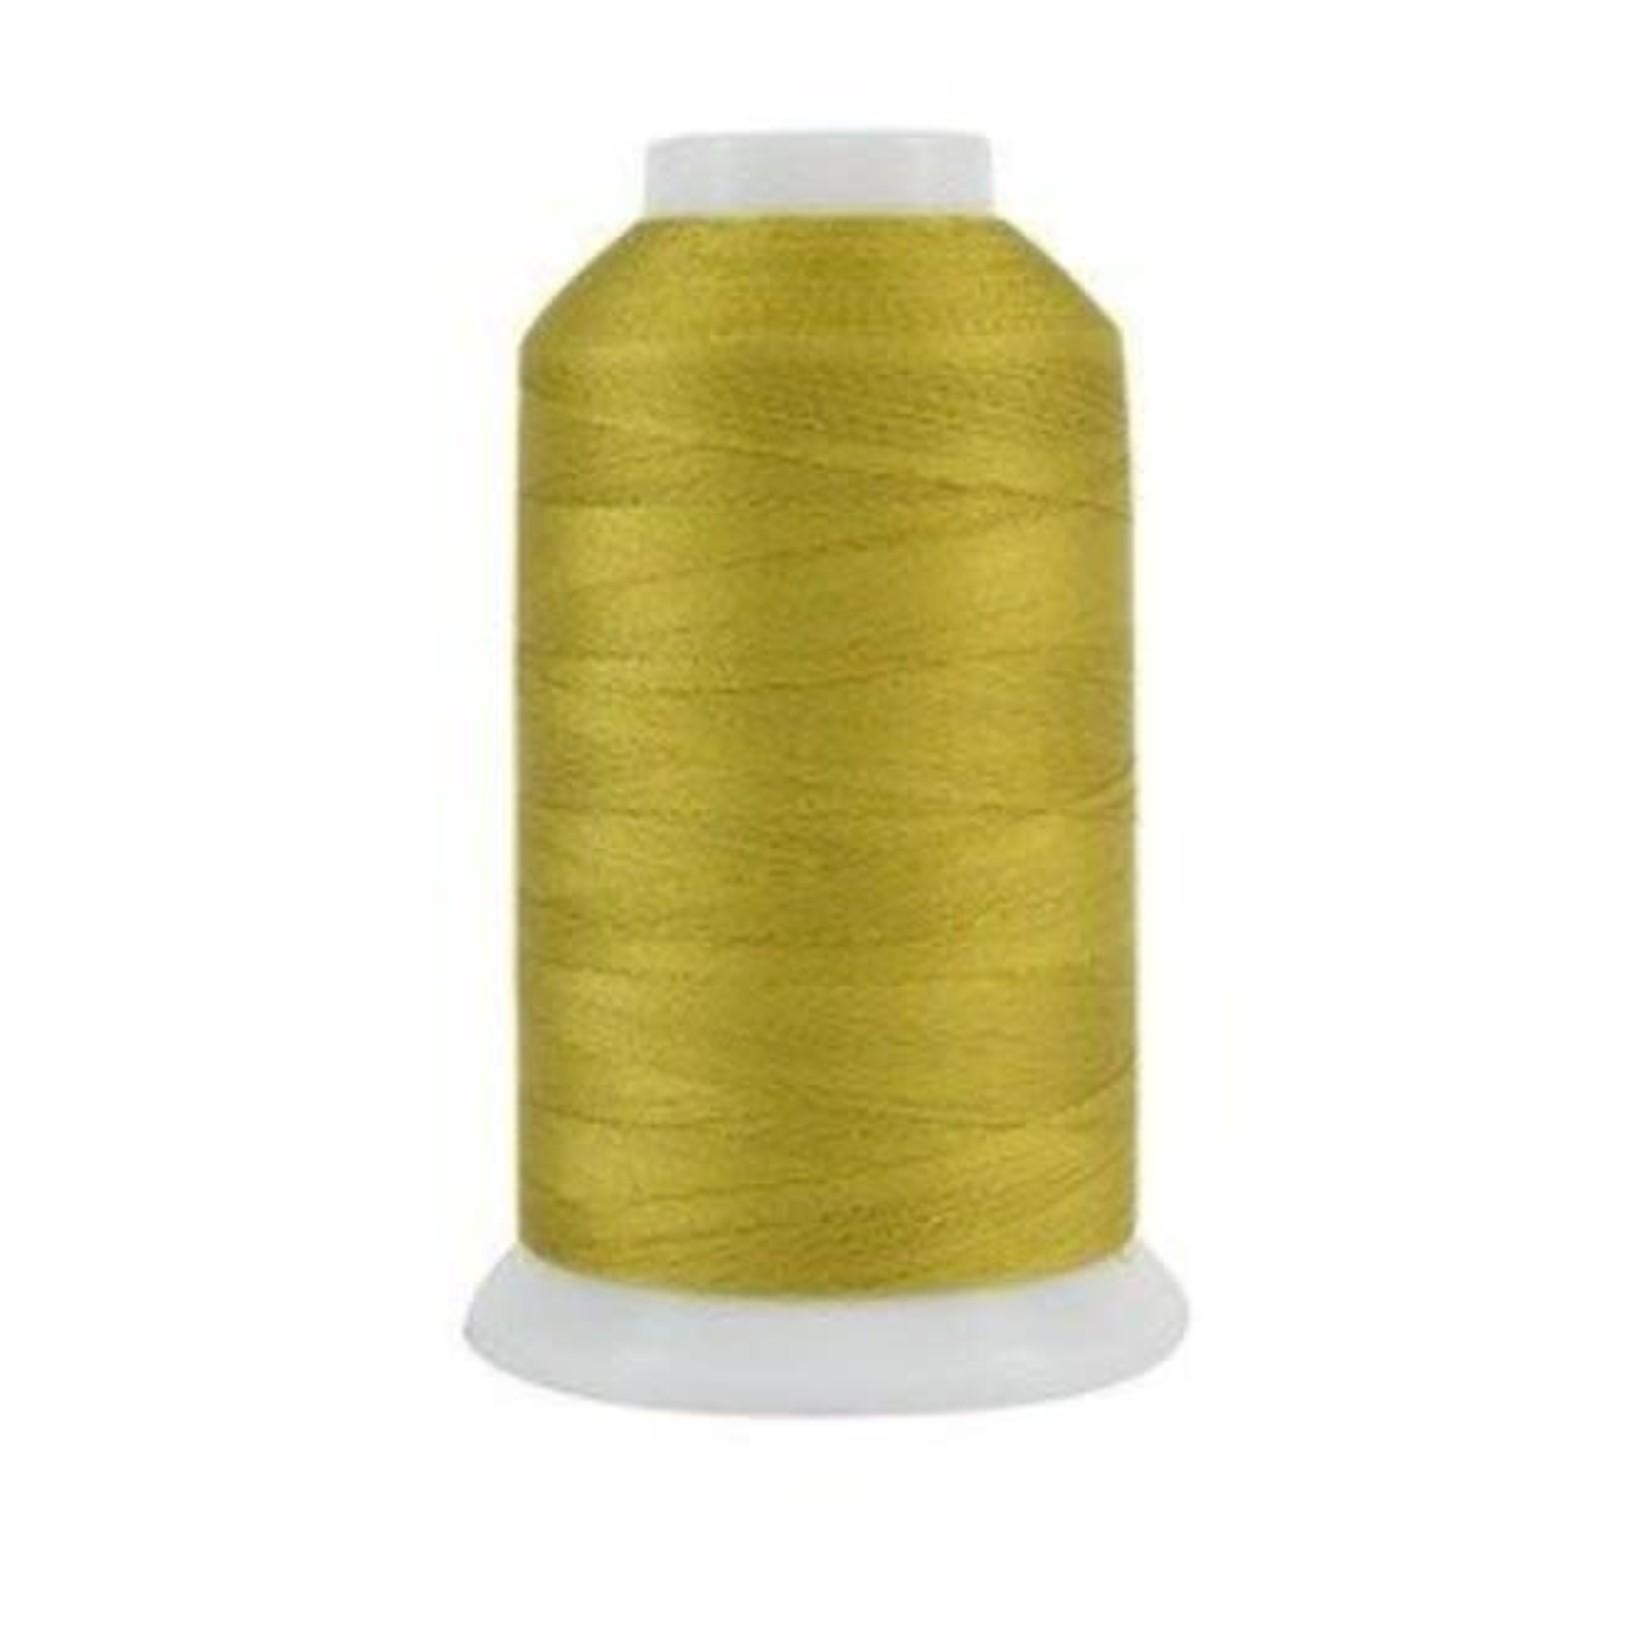 Superior Threads King Tut - #40 - 1828 m - 1013 Butternut